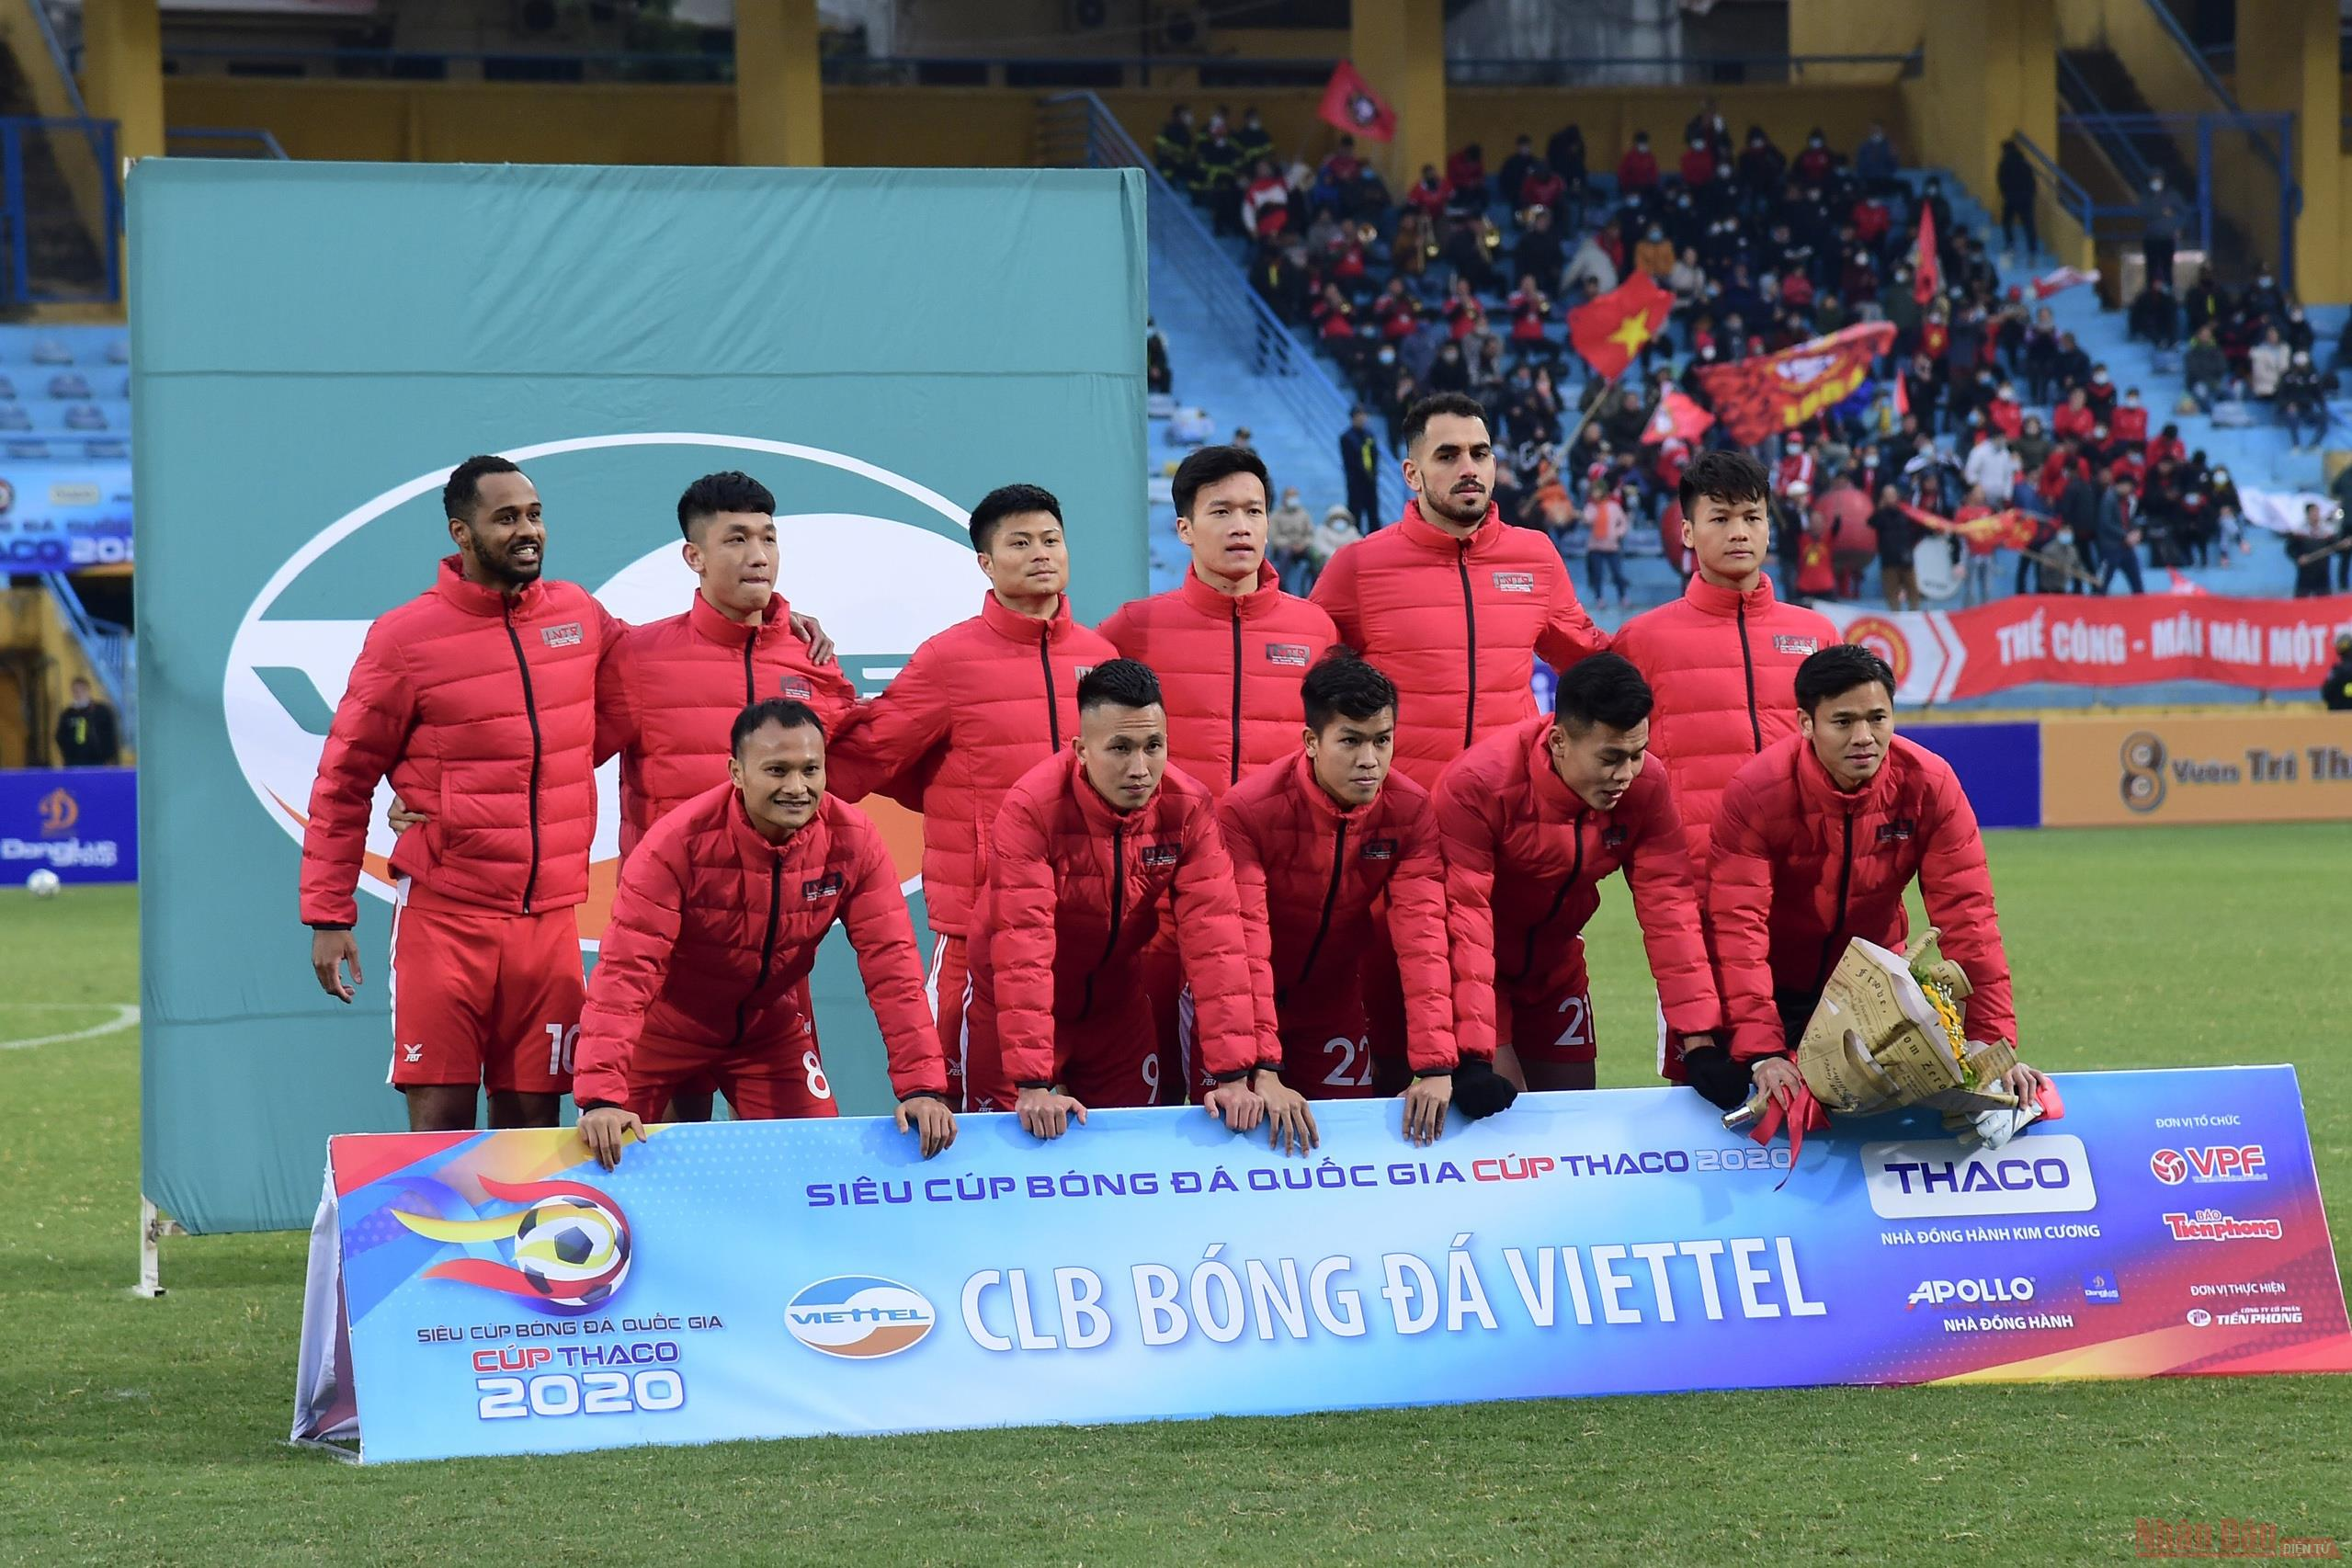 Hà Nội giành Siêu cúp Quốc gia 2020  -3